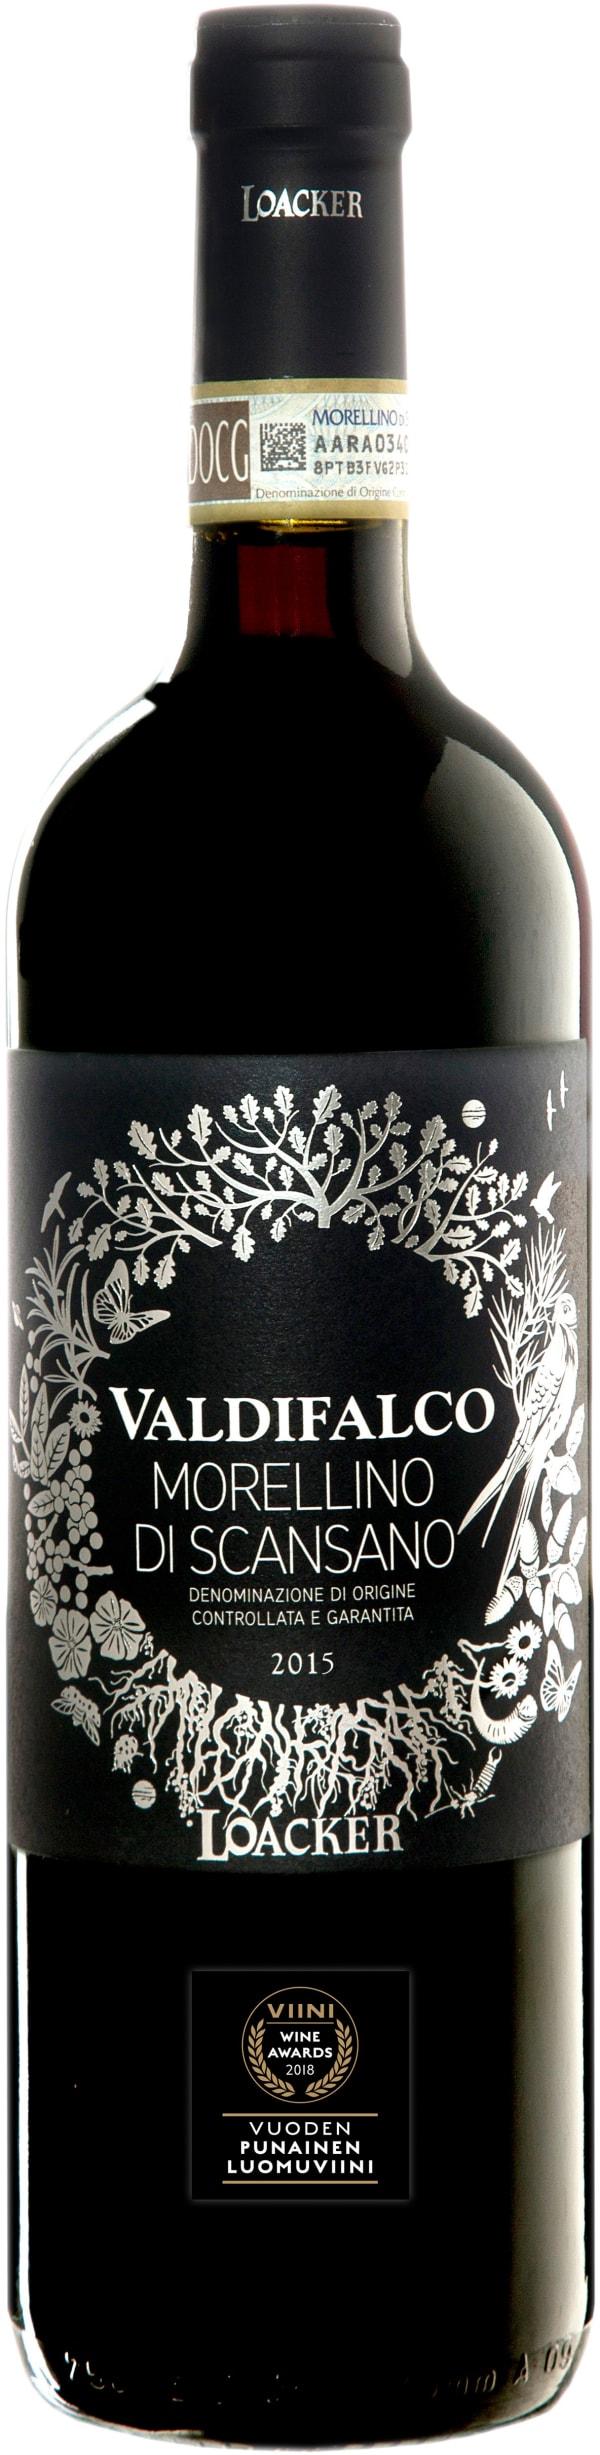 Valdifalco Morellino di Scansano 2019